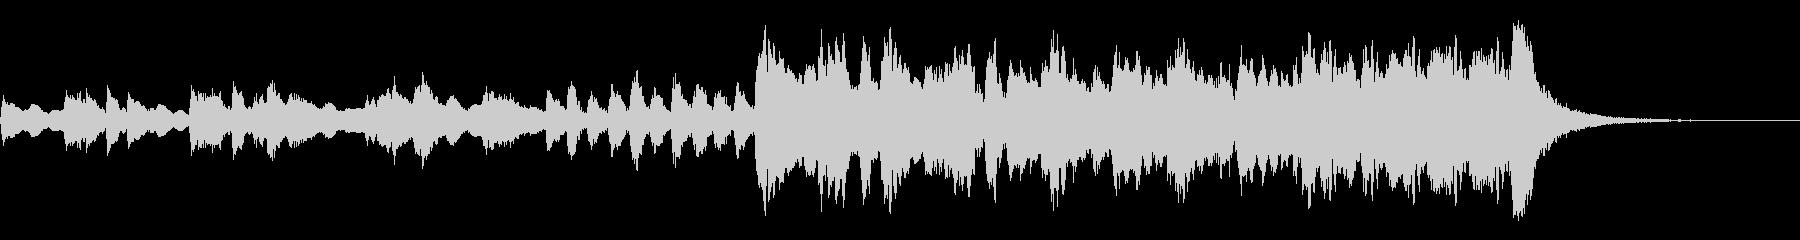 チャイコフスキー 激しいイントロジングルの未再生の波形